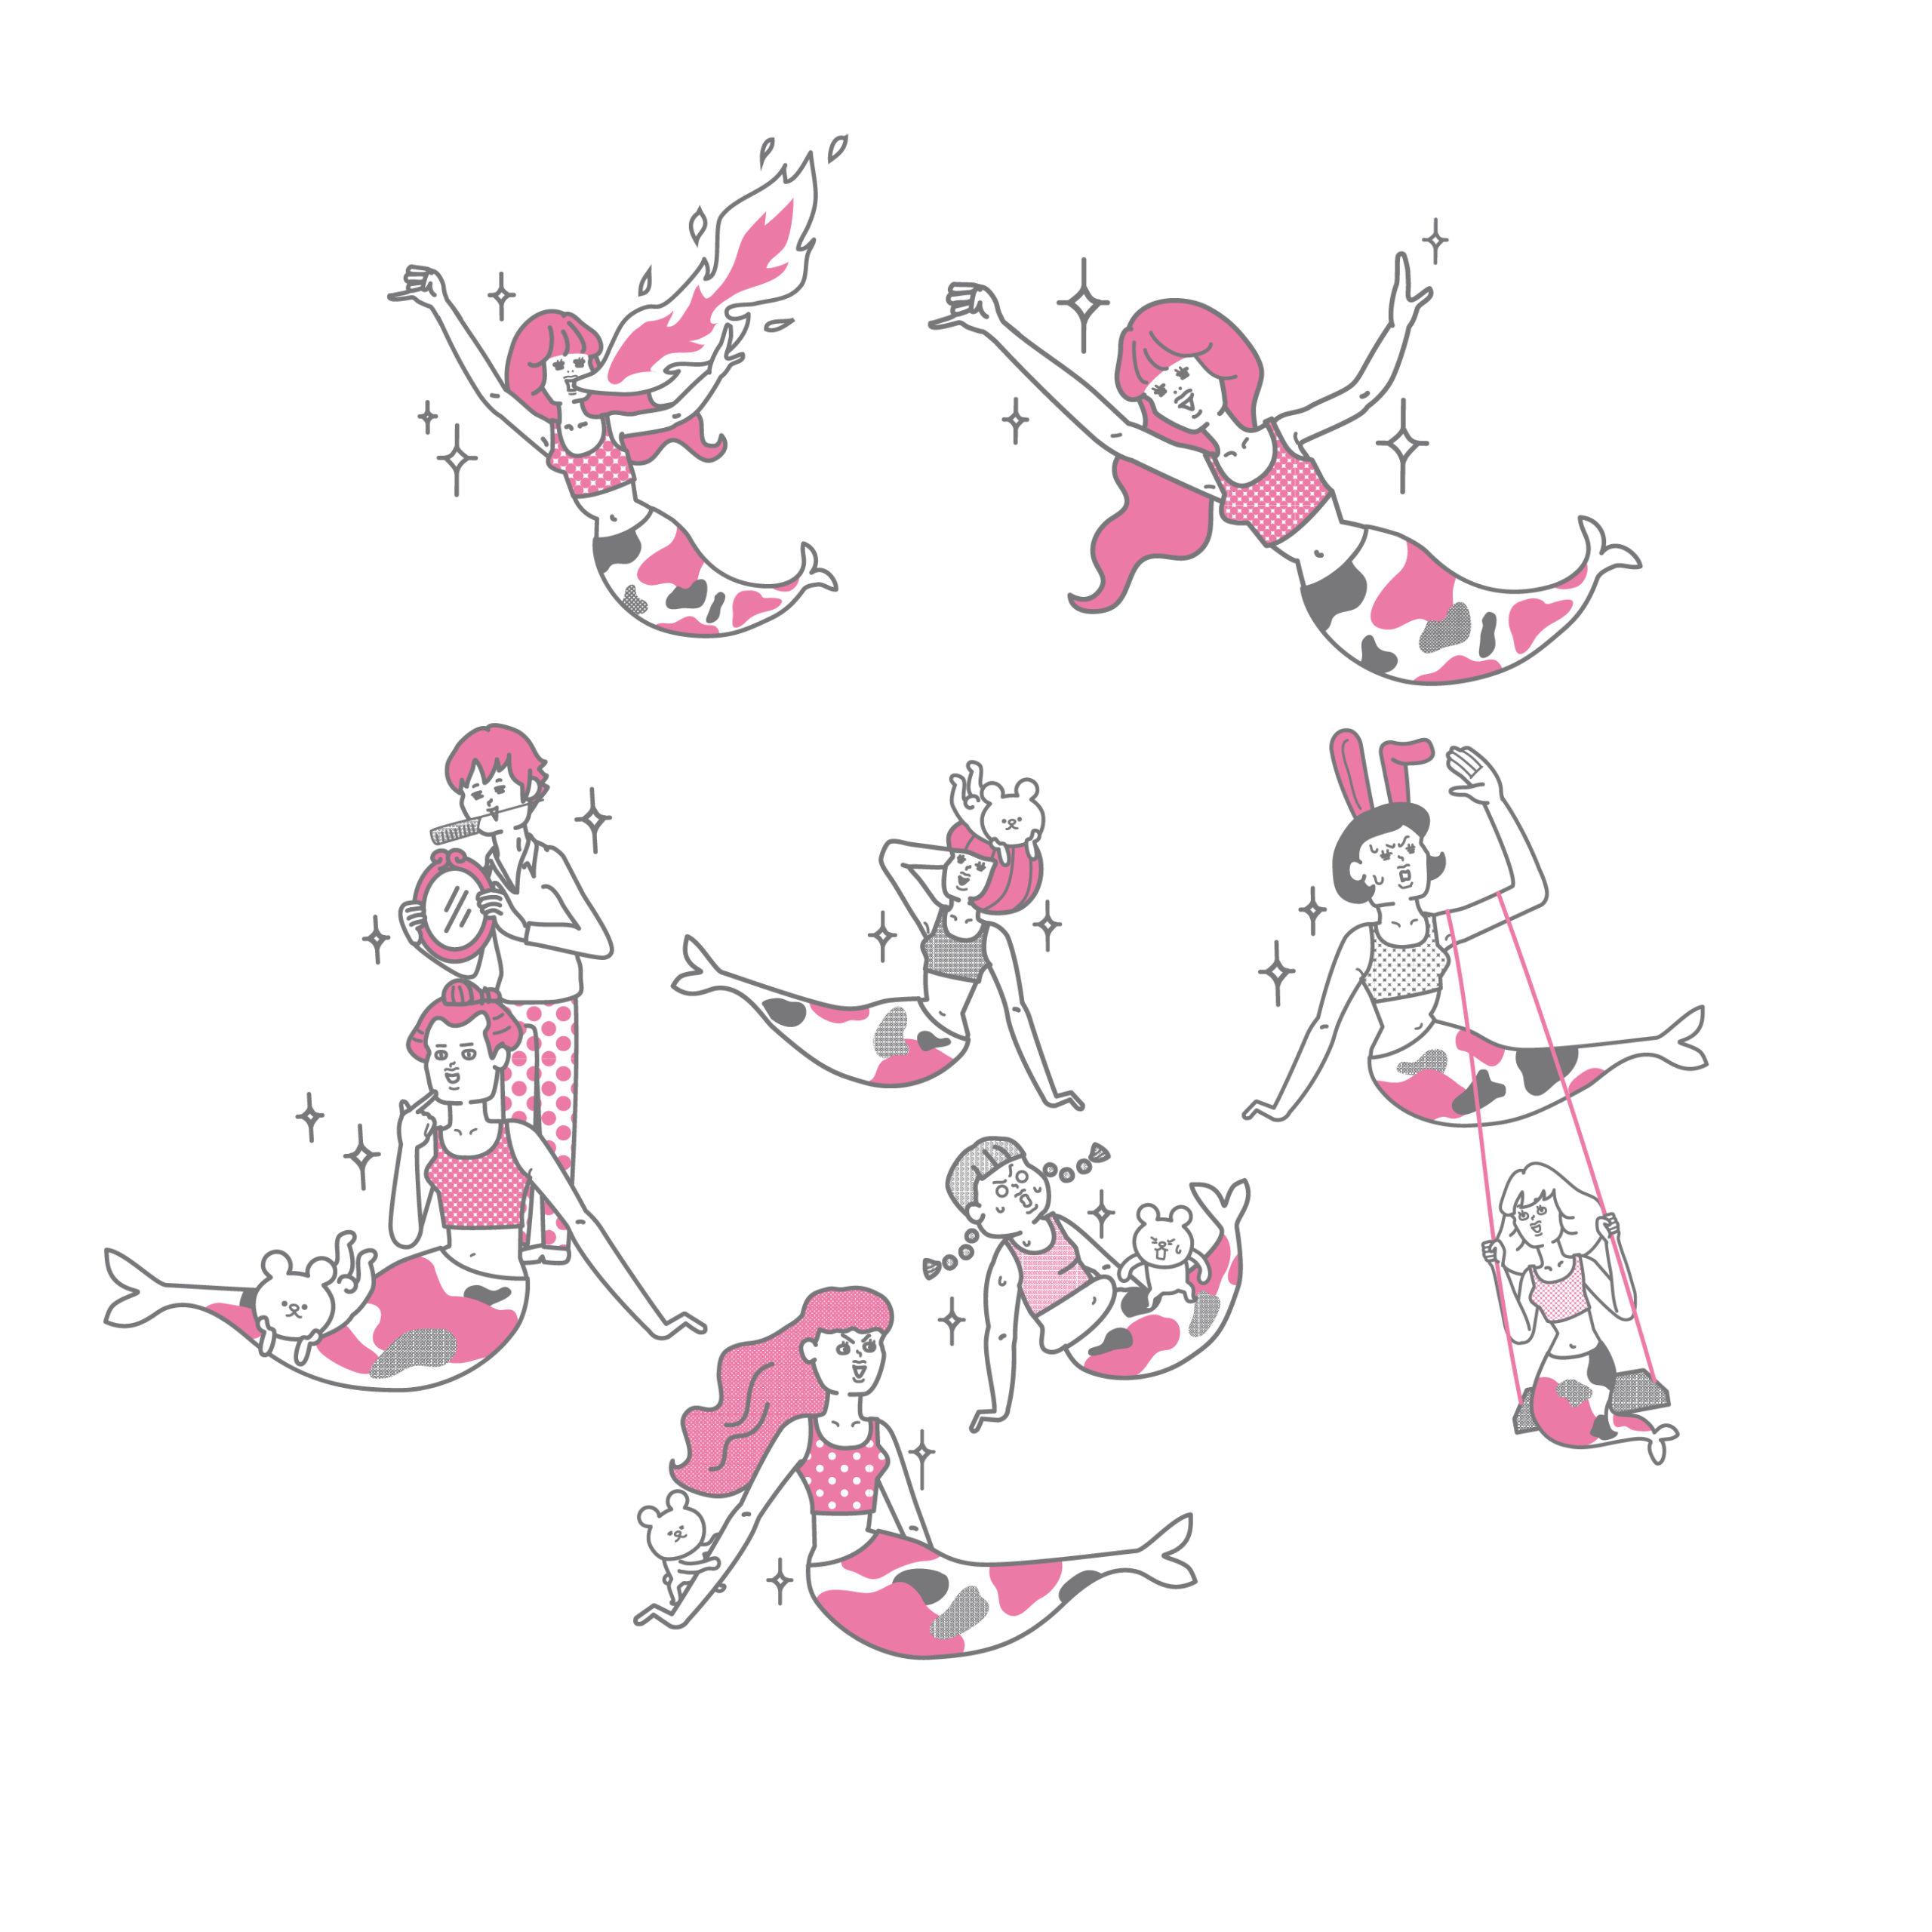 おもしろ・かわいい系イラスト(illust15)